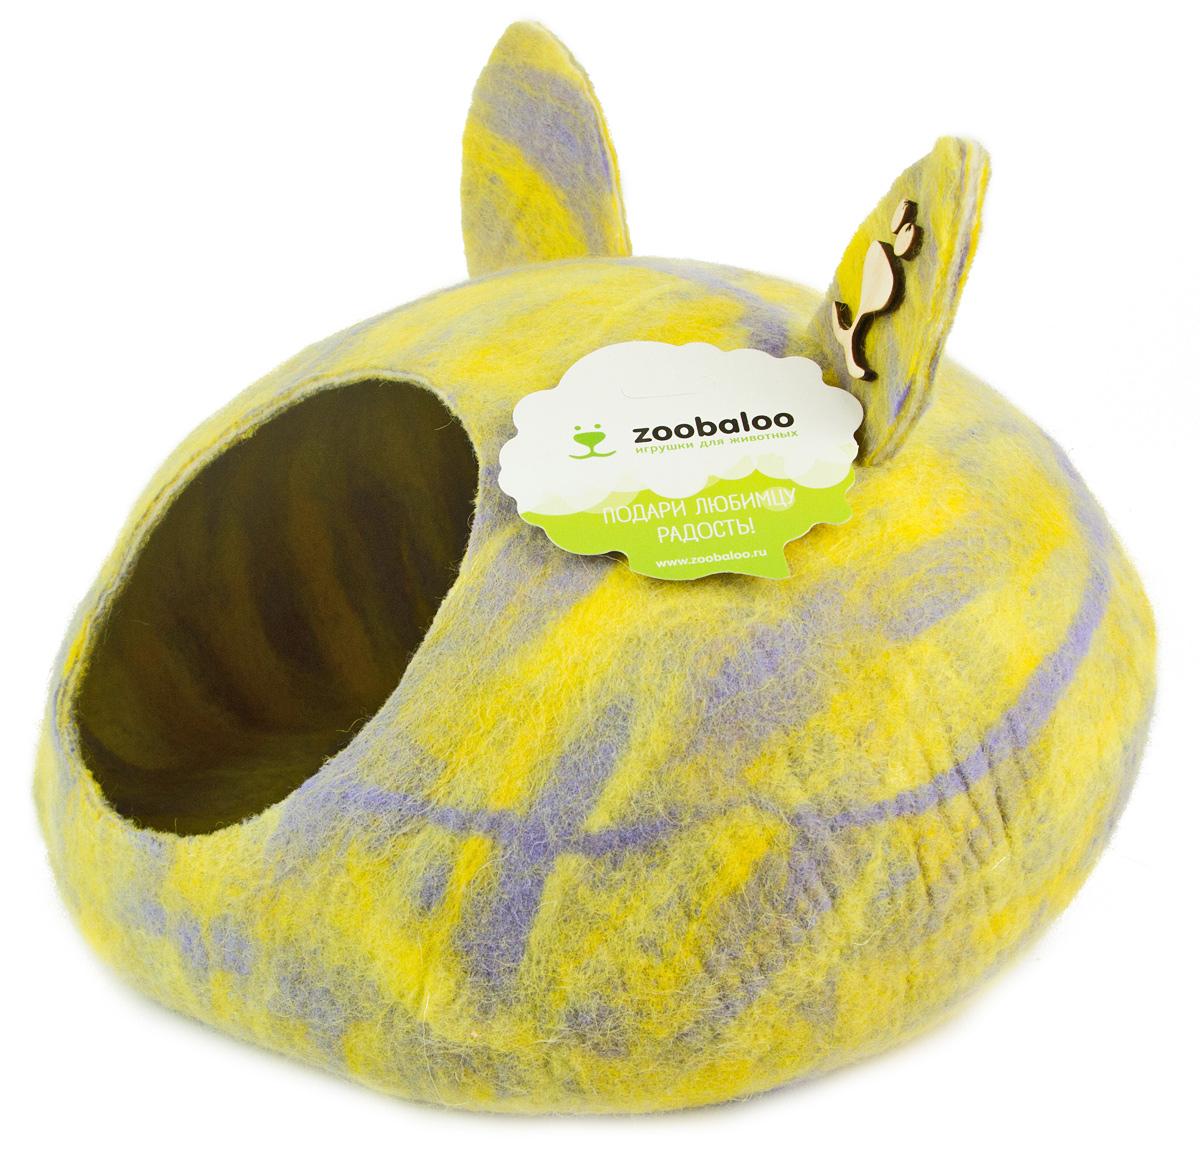 Домик-слипер для животных Zoobaloo WoolPetHouse, с ушками, цвет: мультиколор, желтый, размер L домики для животных zoobaloo домик для грызунов